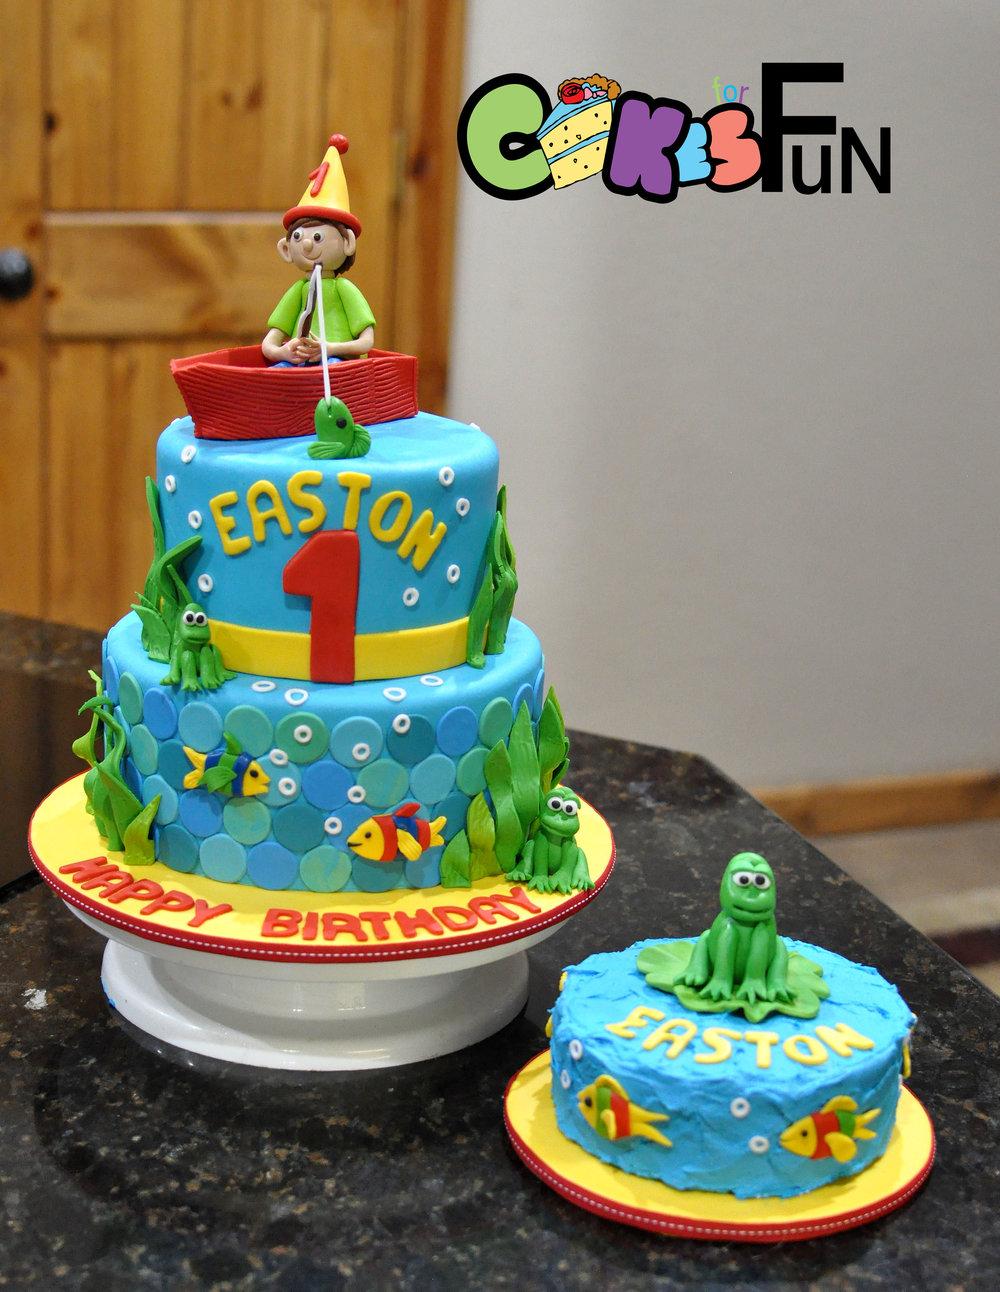 fishing cake-jackson-05122018.jpg